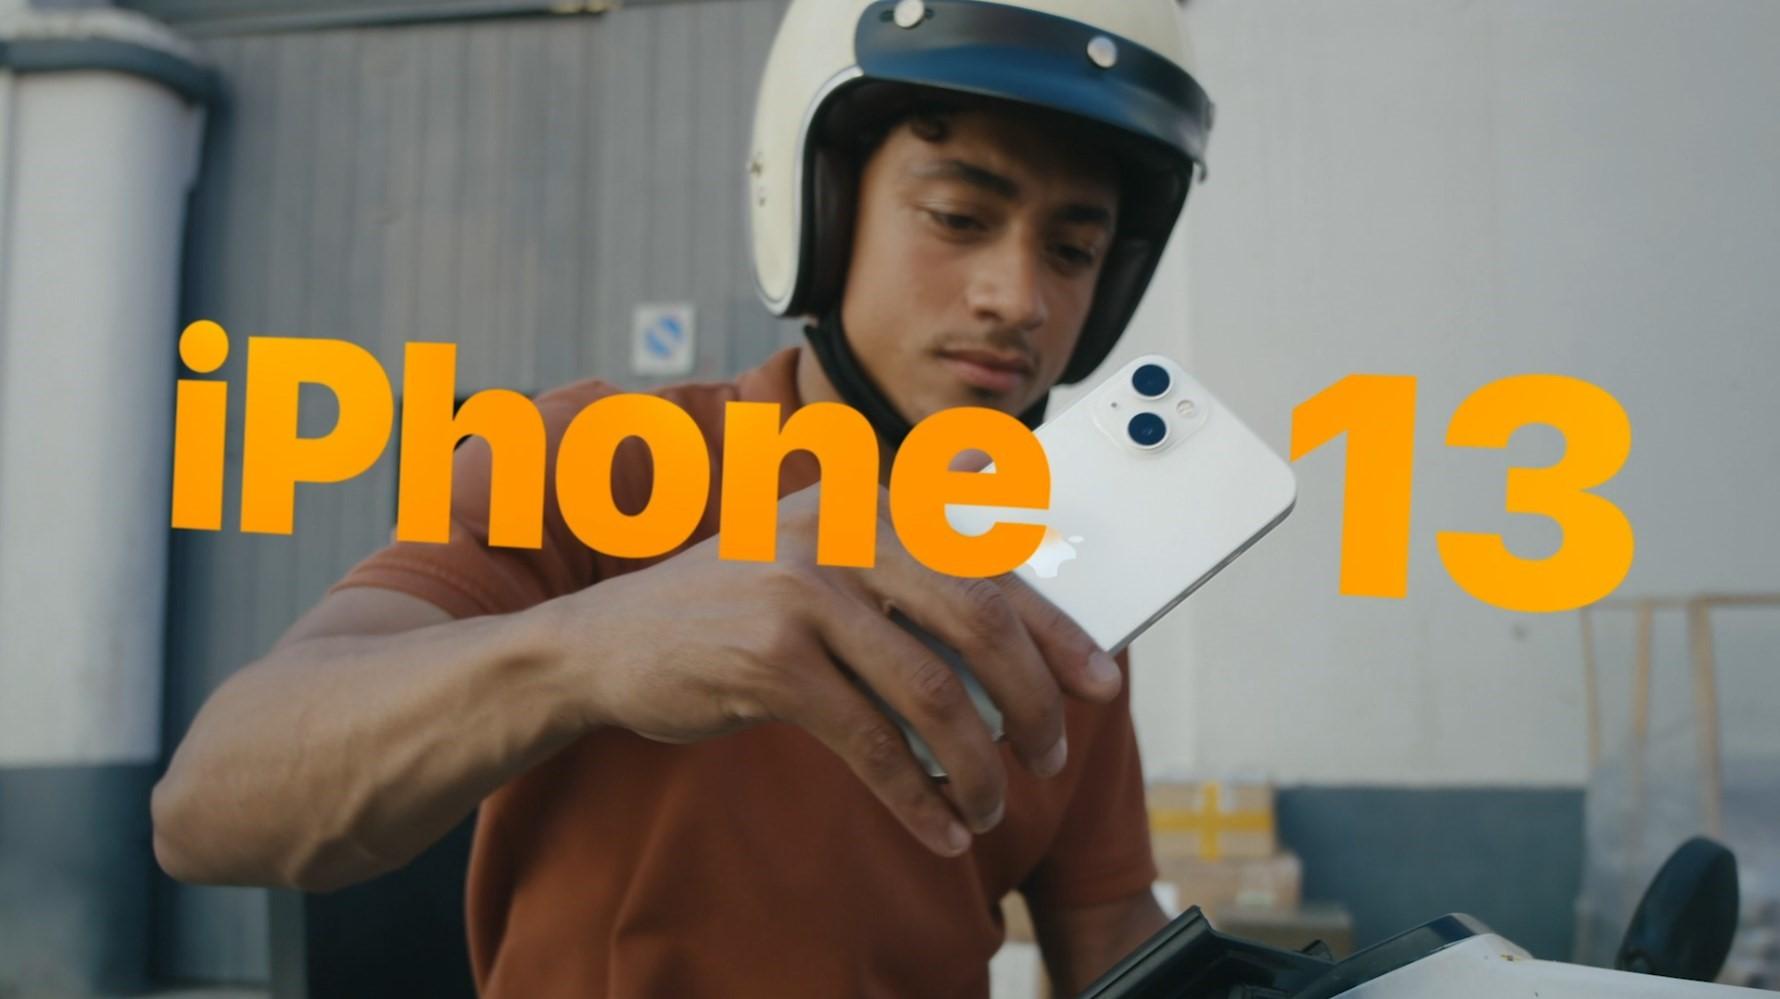 Itt az iPhone 13 és kistestvére, az iPhone 13 mini!